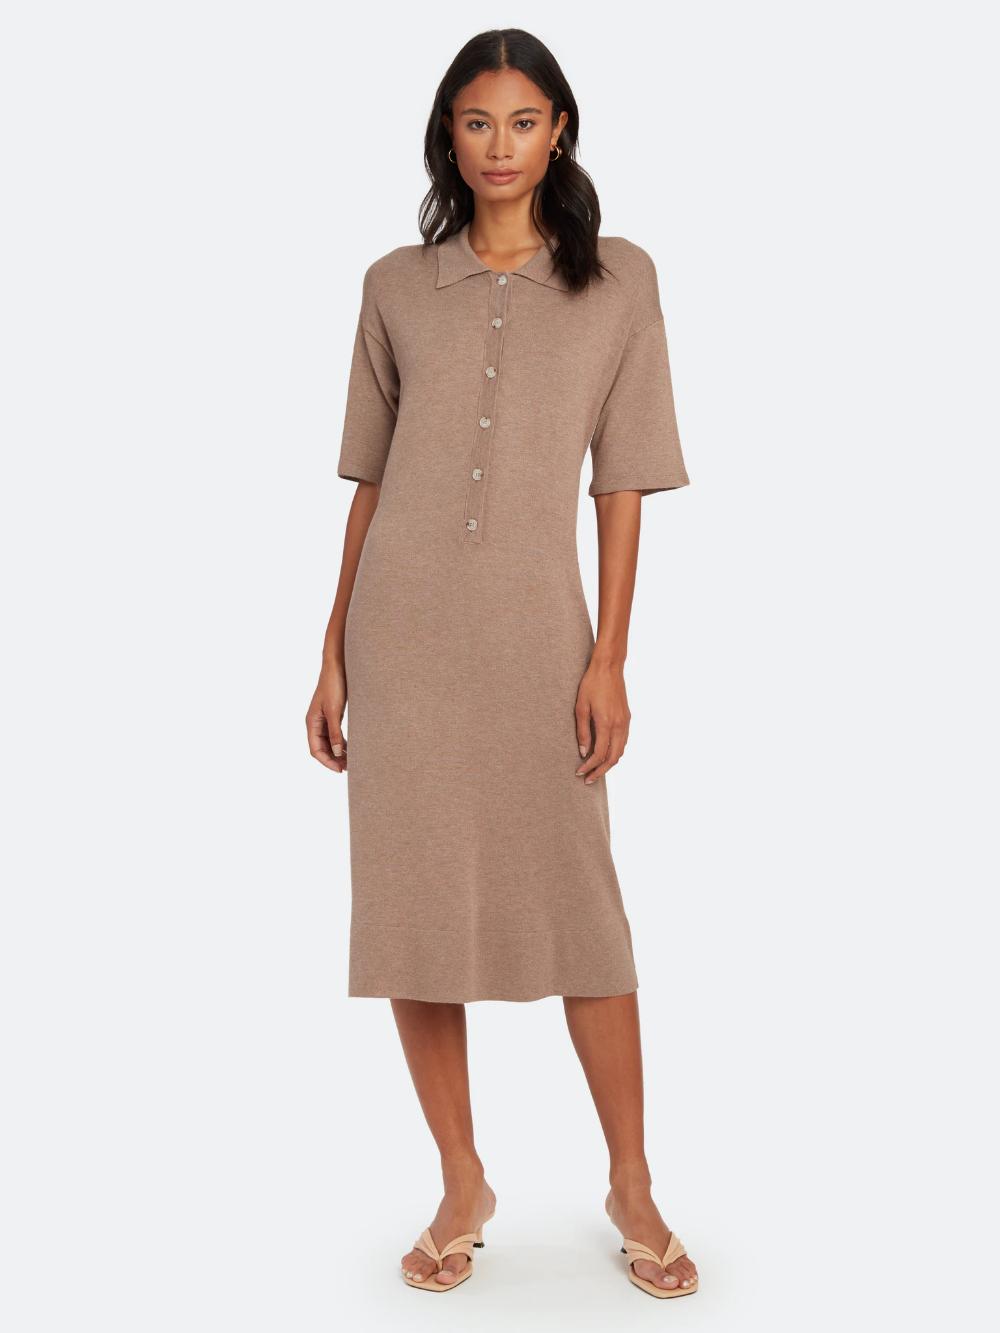 NORR Chelsea Knit Midi Dress in 2020 Knit midi dress